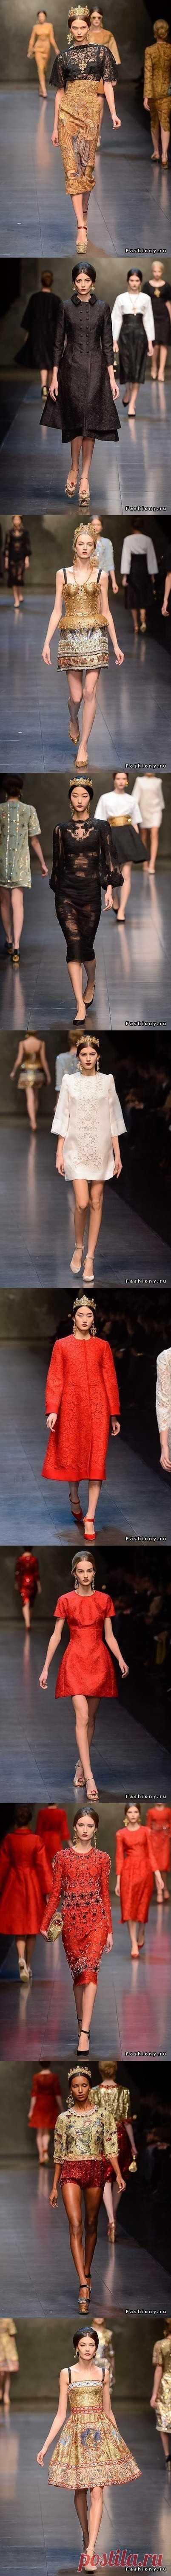 Божественная коллекция от Dolce&Gabbana,только для королевских особ